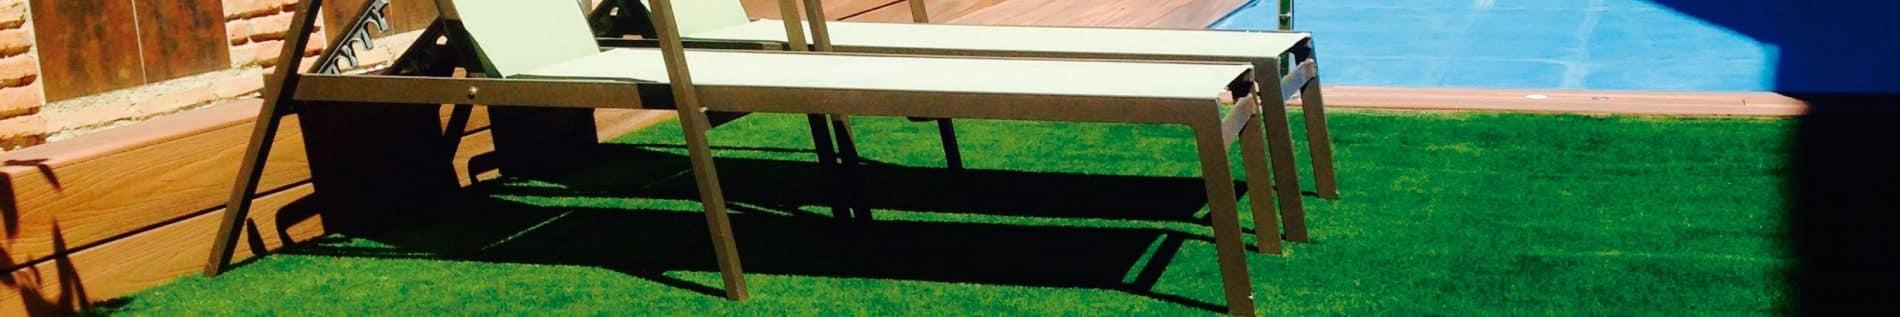 Ventajas del césped artificial frente al natural